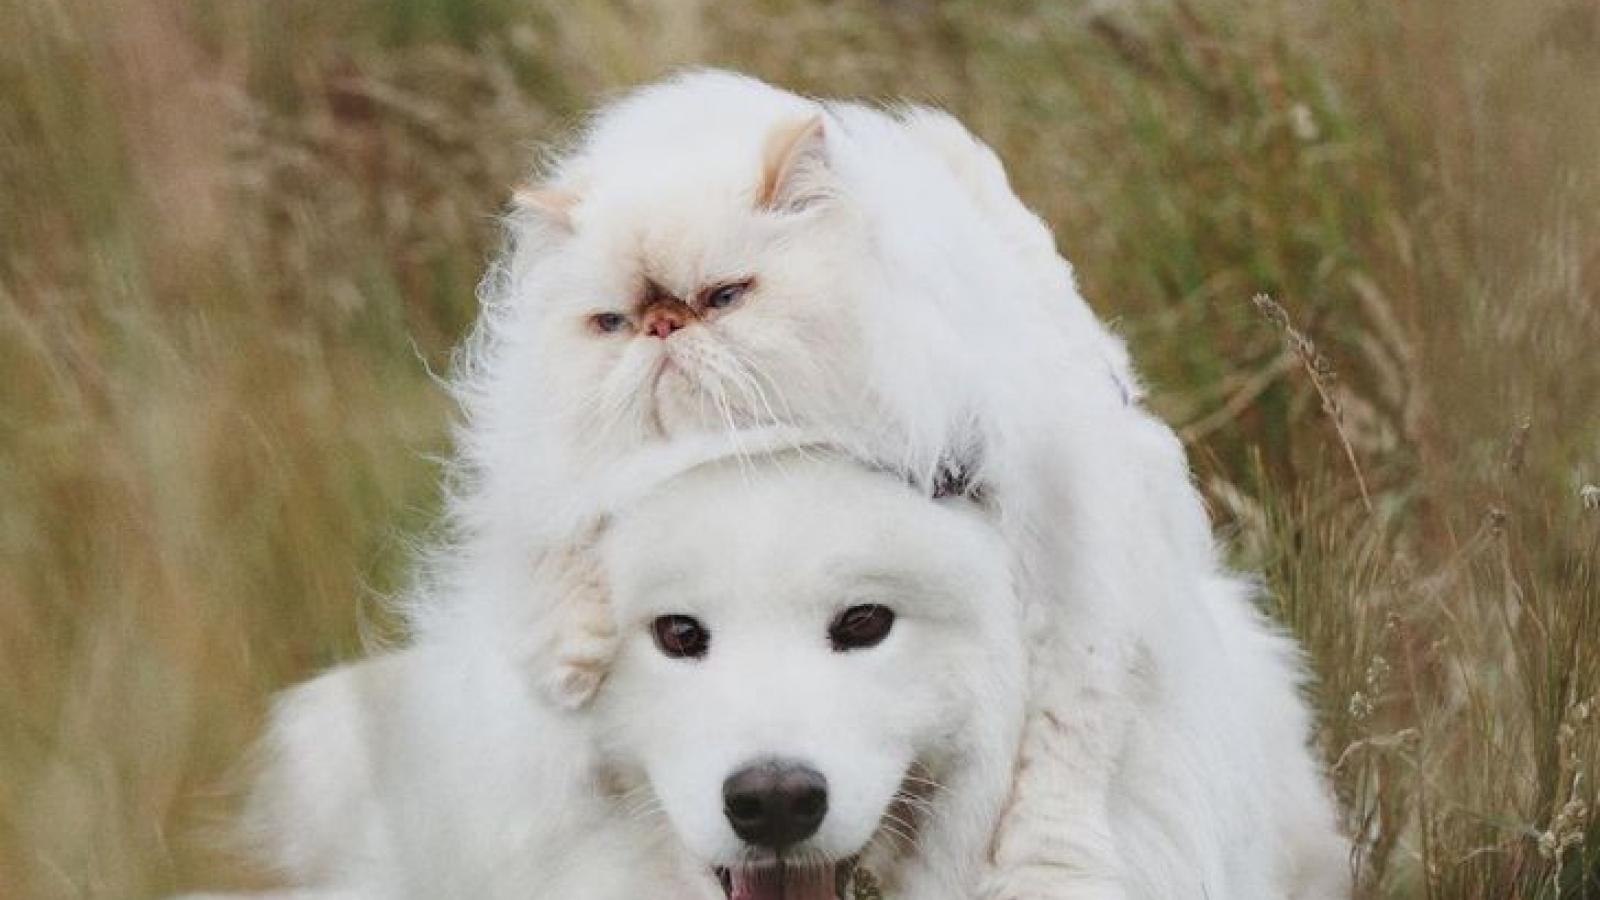 Tan chảy trước tình bạn đáng yêu giữa mèo cau có và chó vui vẻ